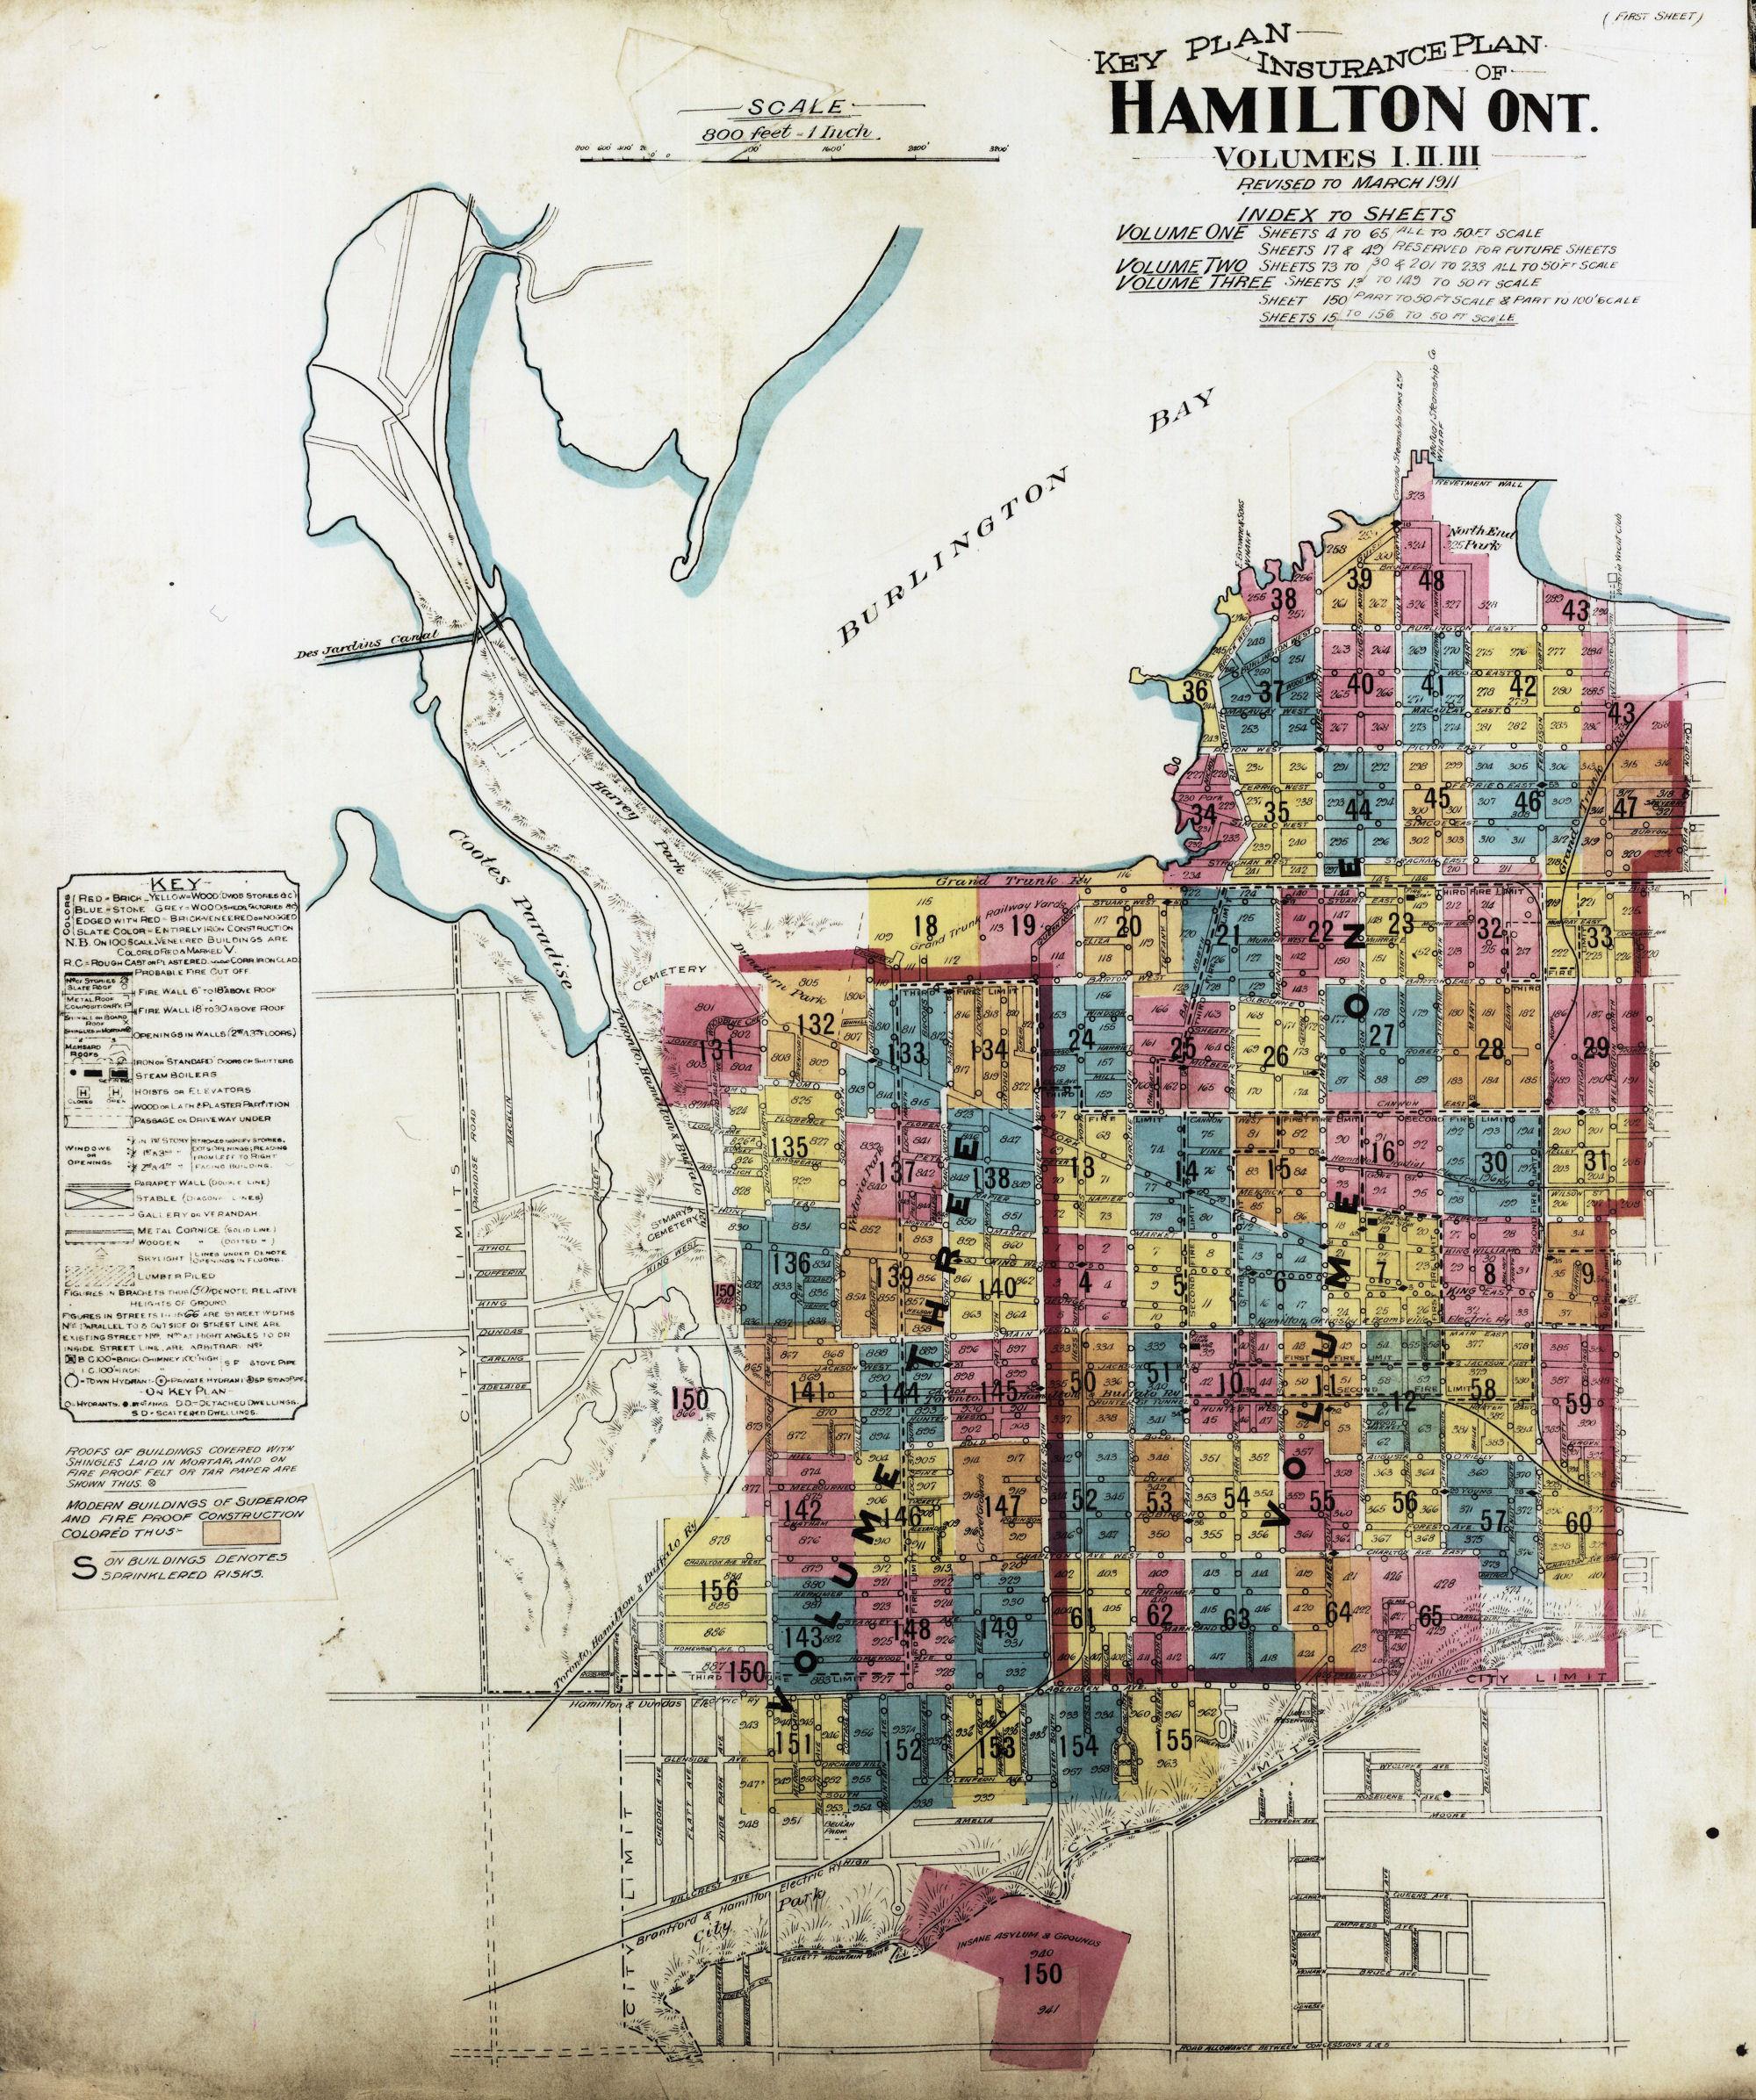 Key Plan to 1911 FIP of Hamilton